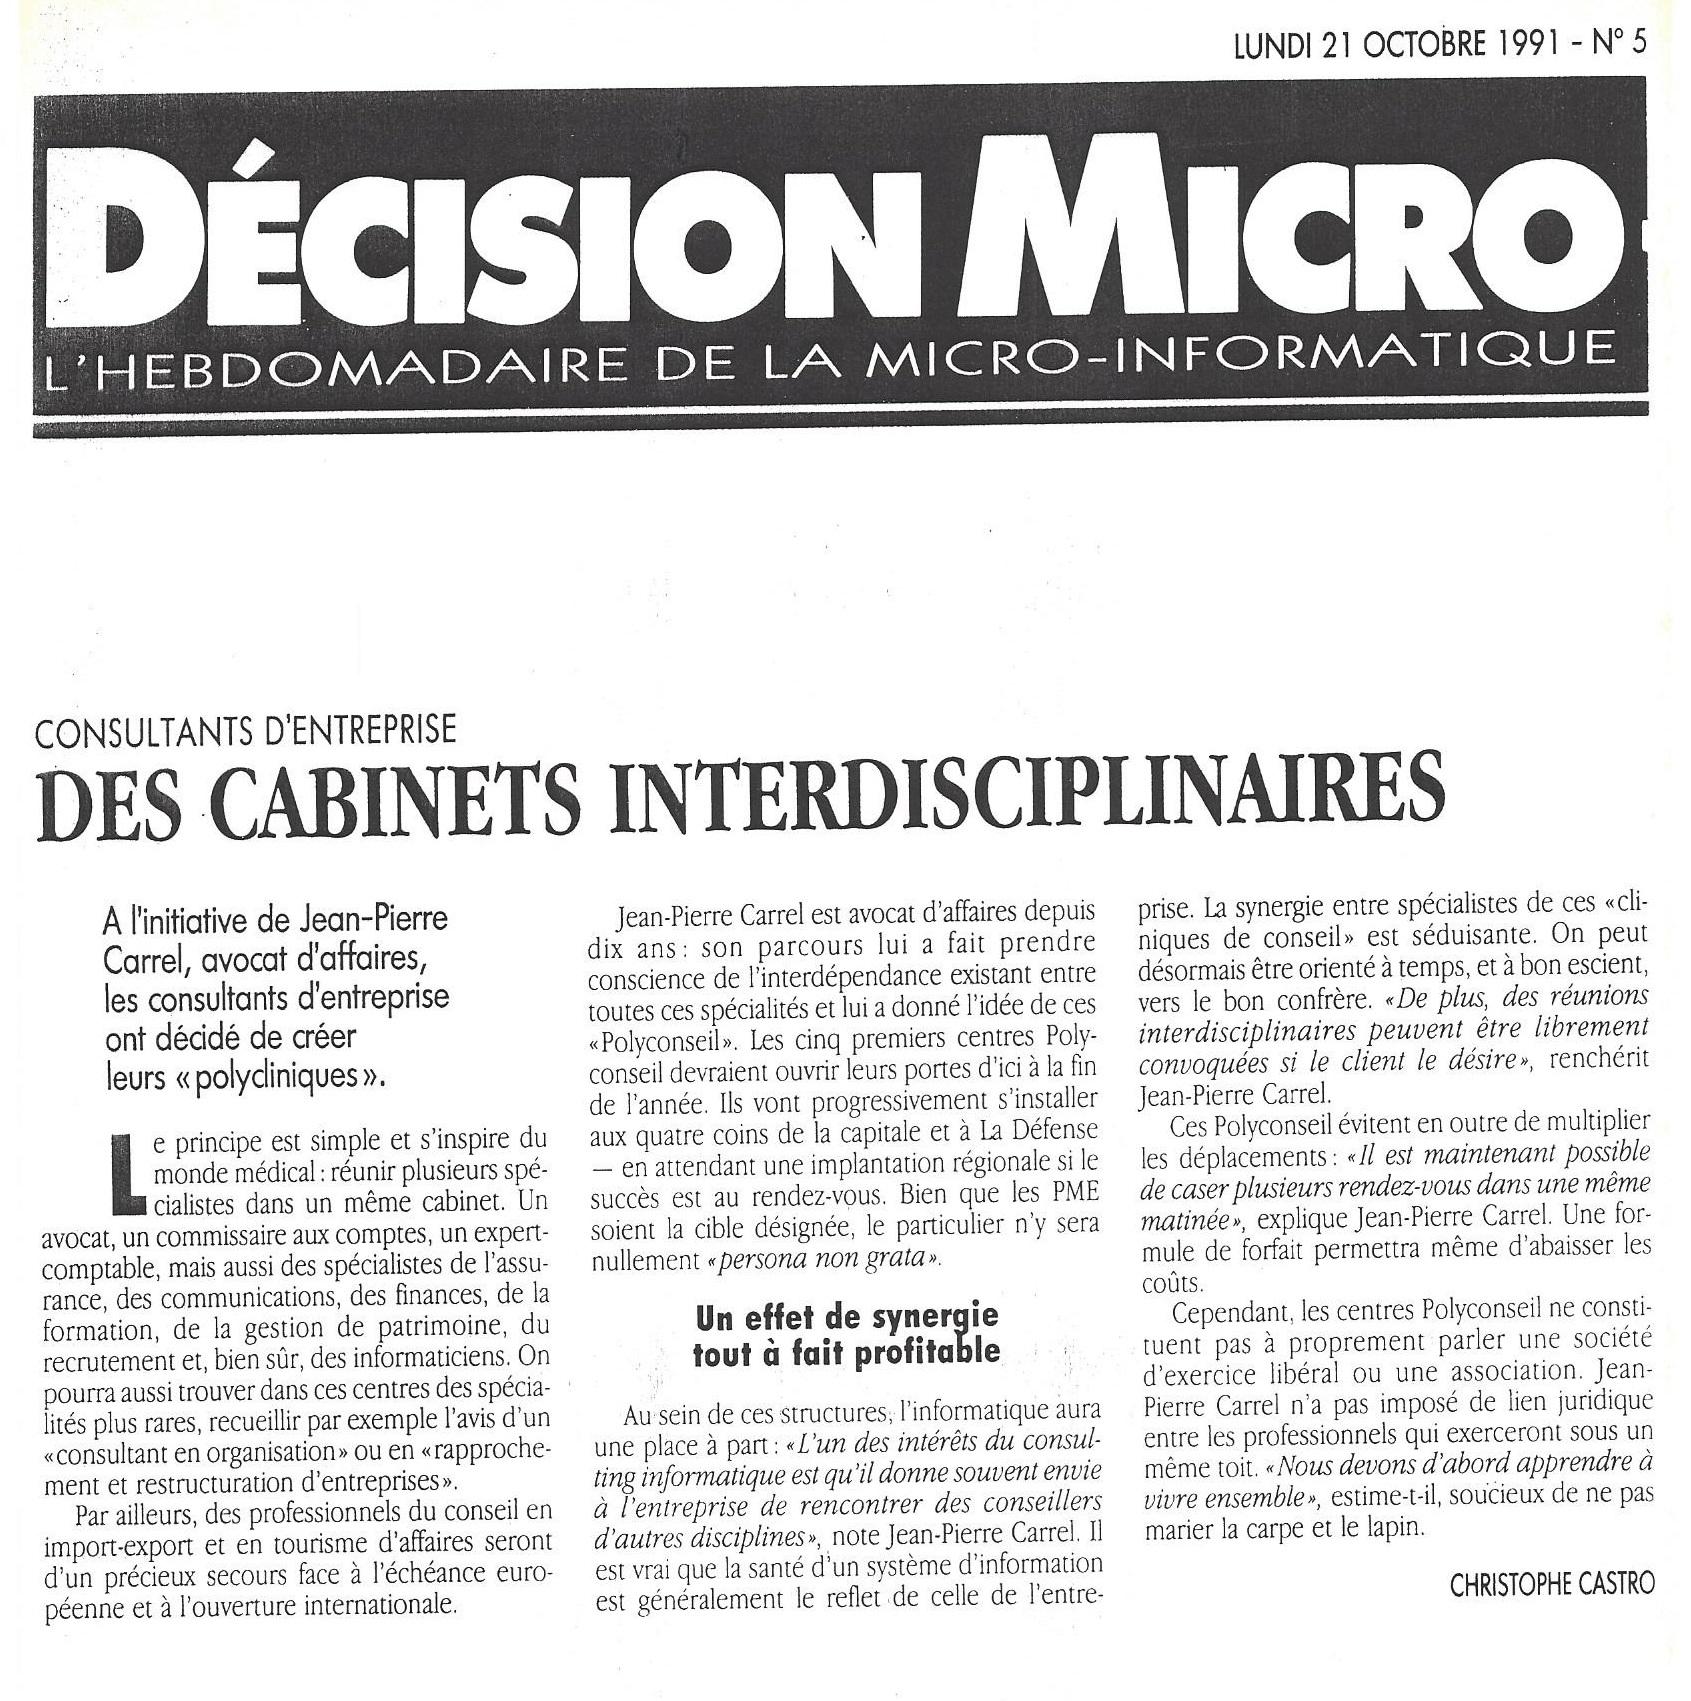 Décision Micro